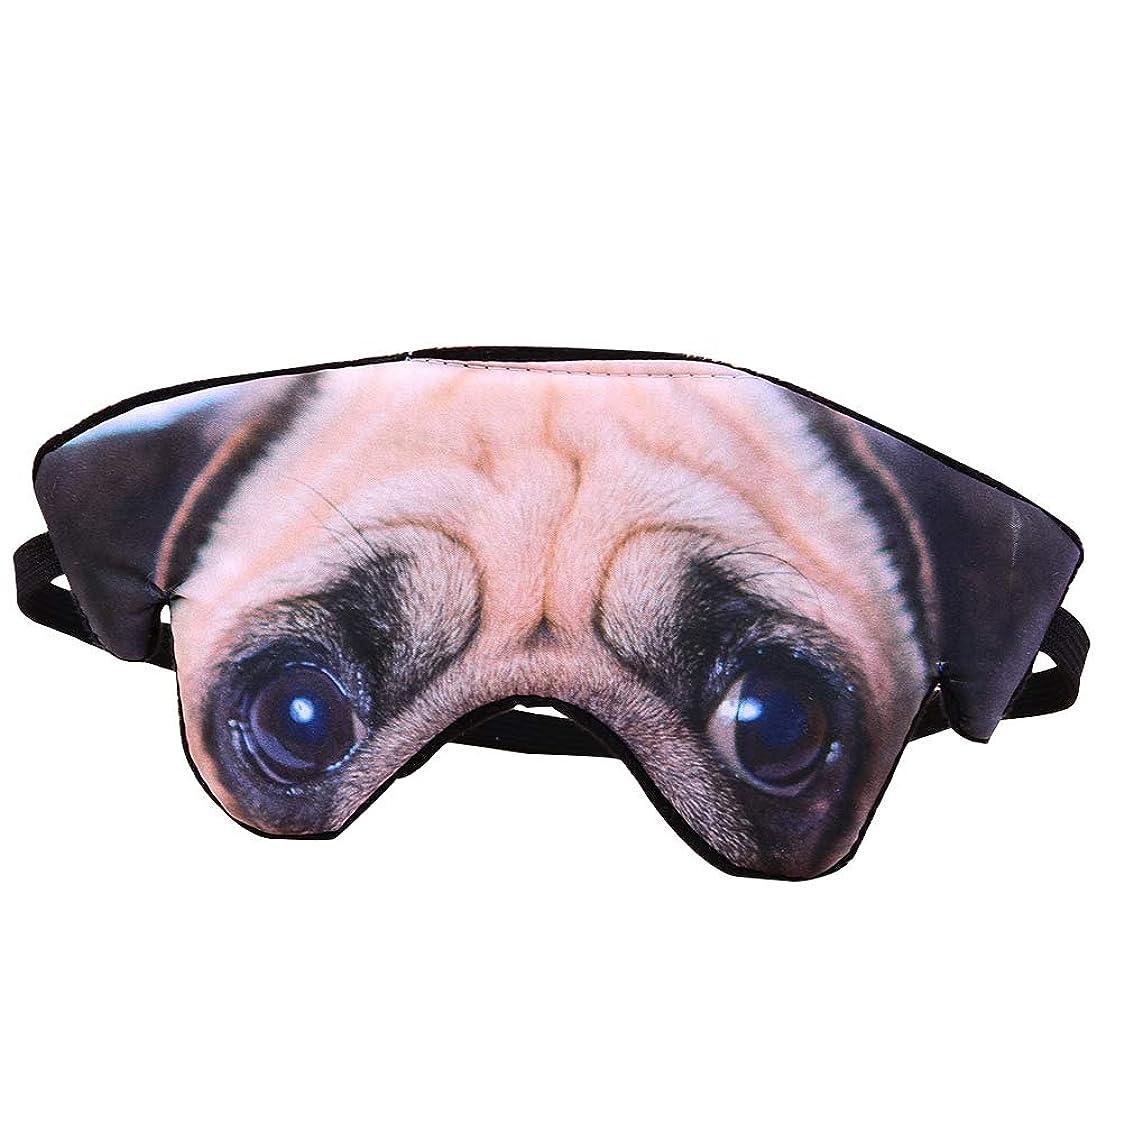 ベアリングサークル確立仮定、想定。推測Healifty 3Dアイマスクシェードナップカバー目隠しレストエイド疲労アイパッドスリープゴーグル(Pug)